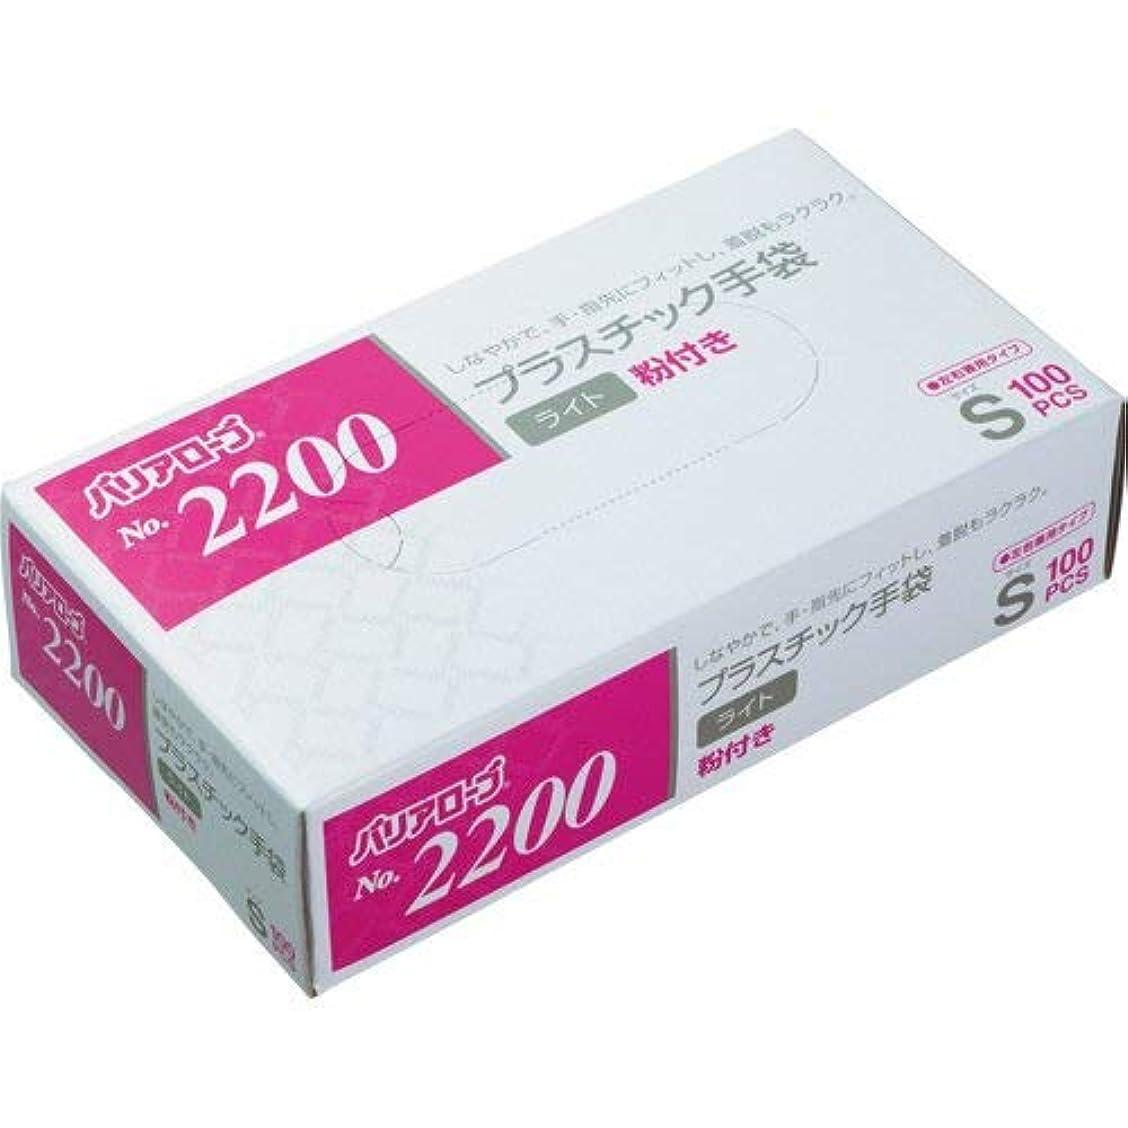 レーダーサイズ責める【ケース販売】 バリアローブ №2200 プラスチック手袋 ライト (粉付き) S 2000枚(100枚×20箱)